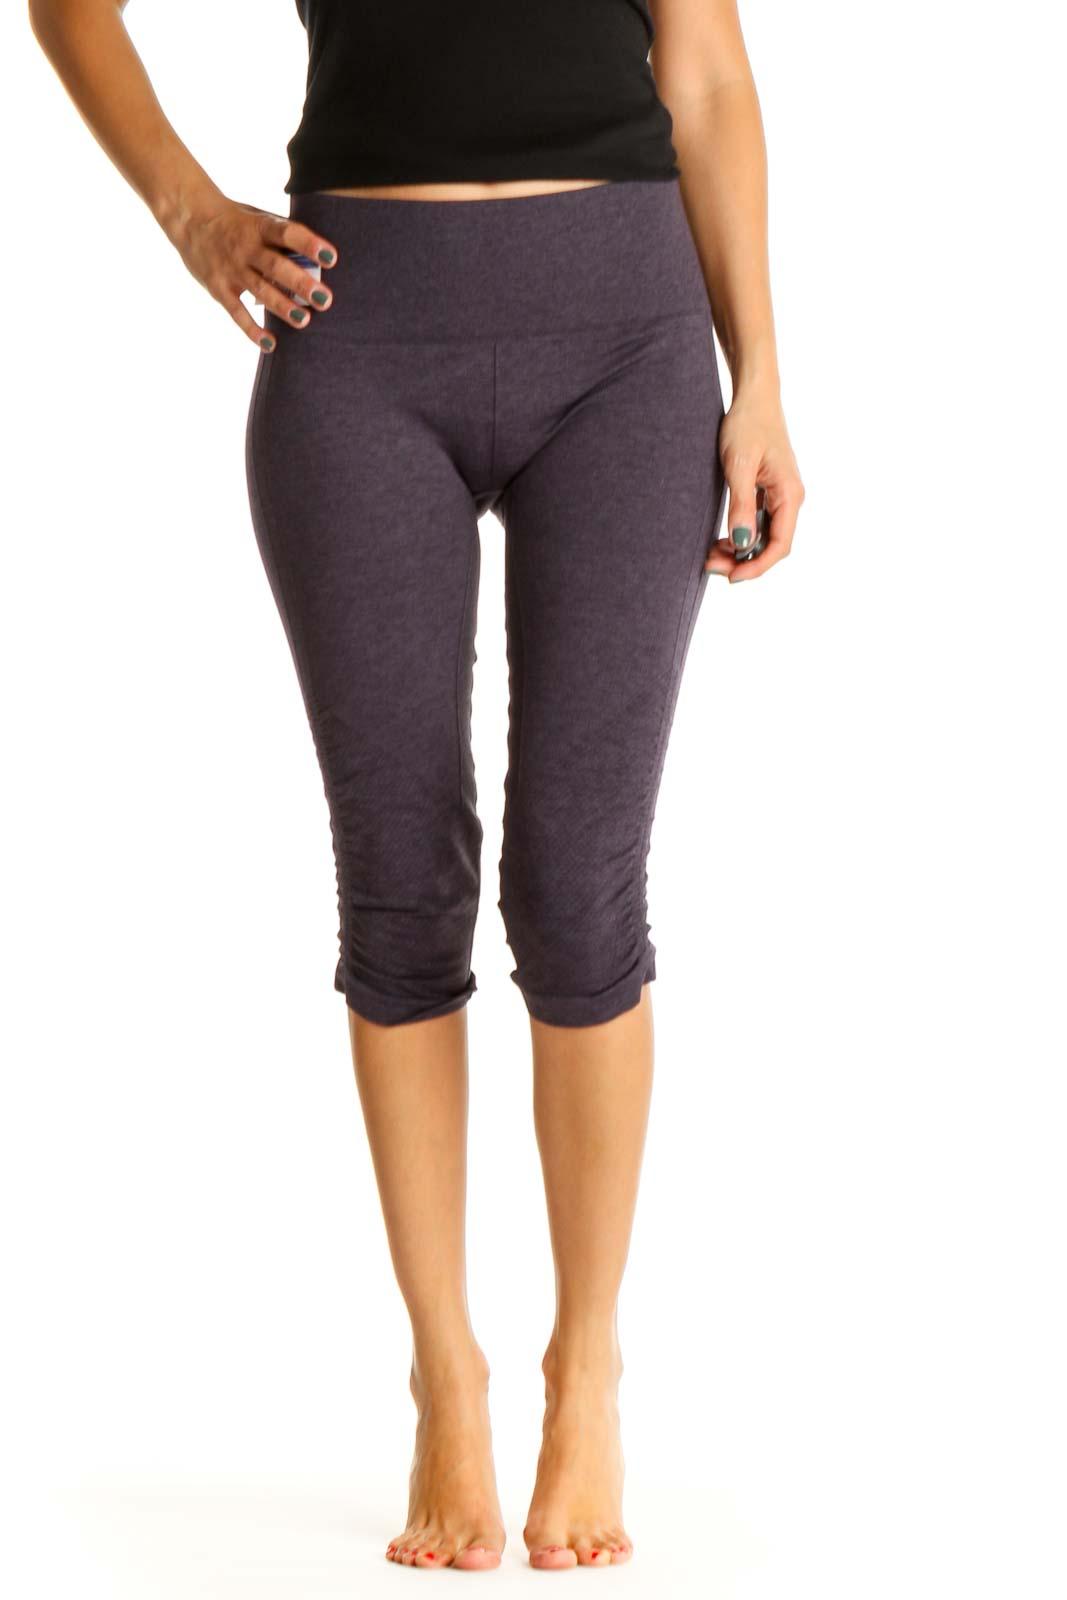 Purple Textured Activewear Leggings Front